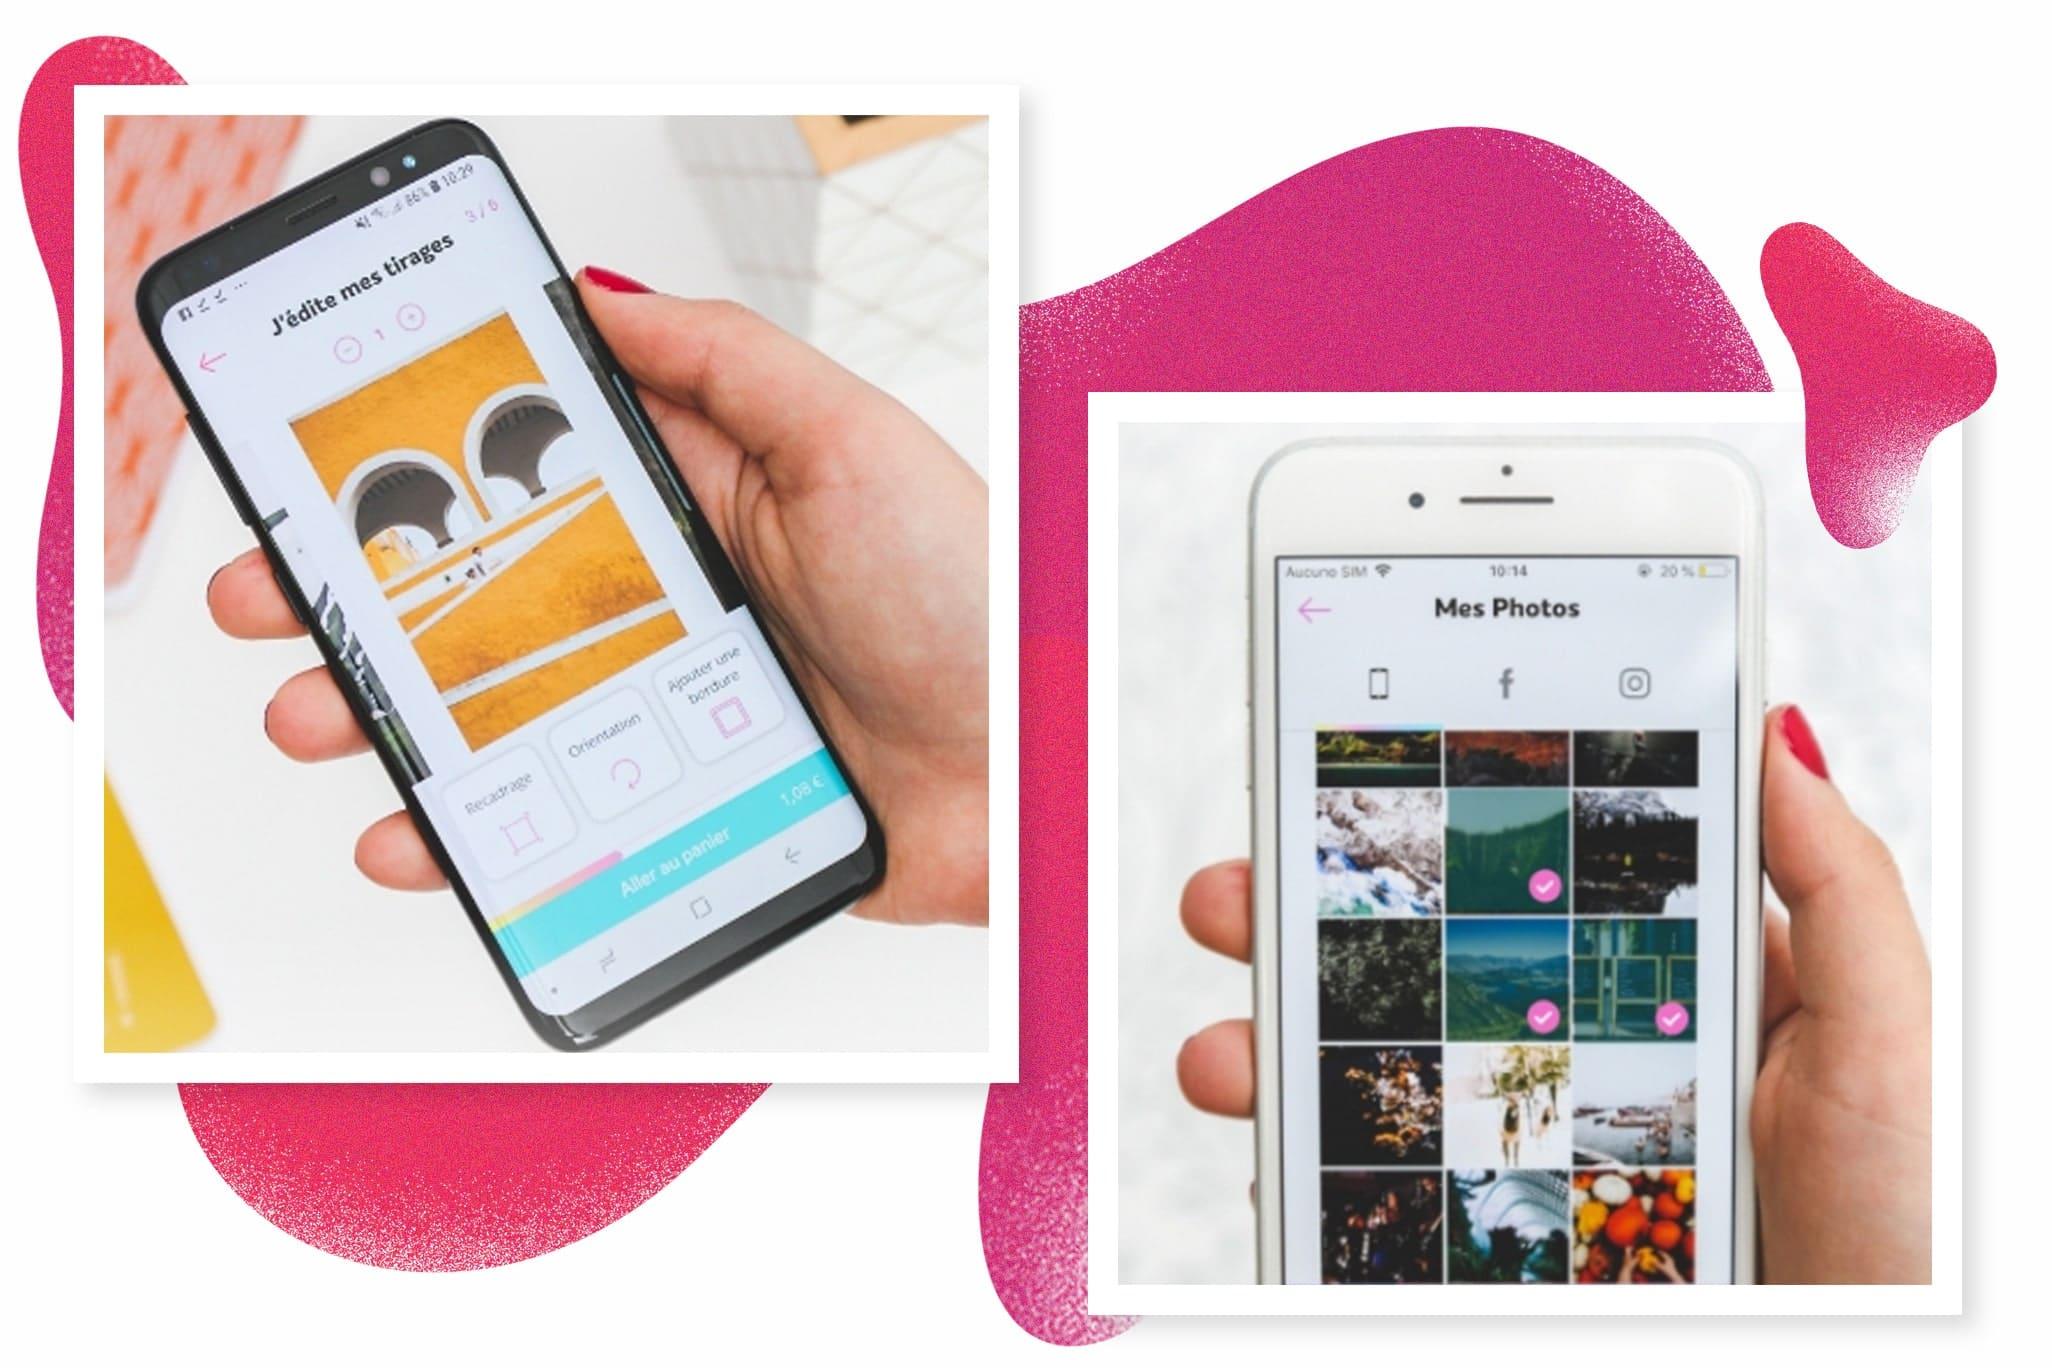 Utilisation de l'application sur Android et iOS